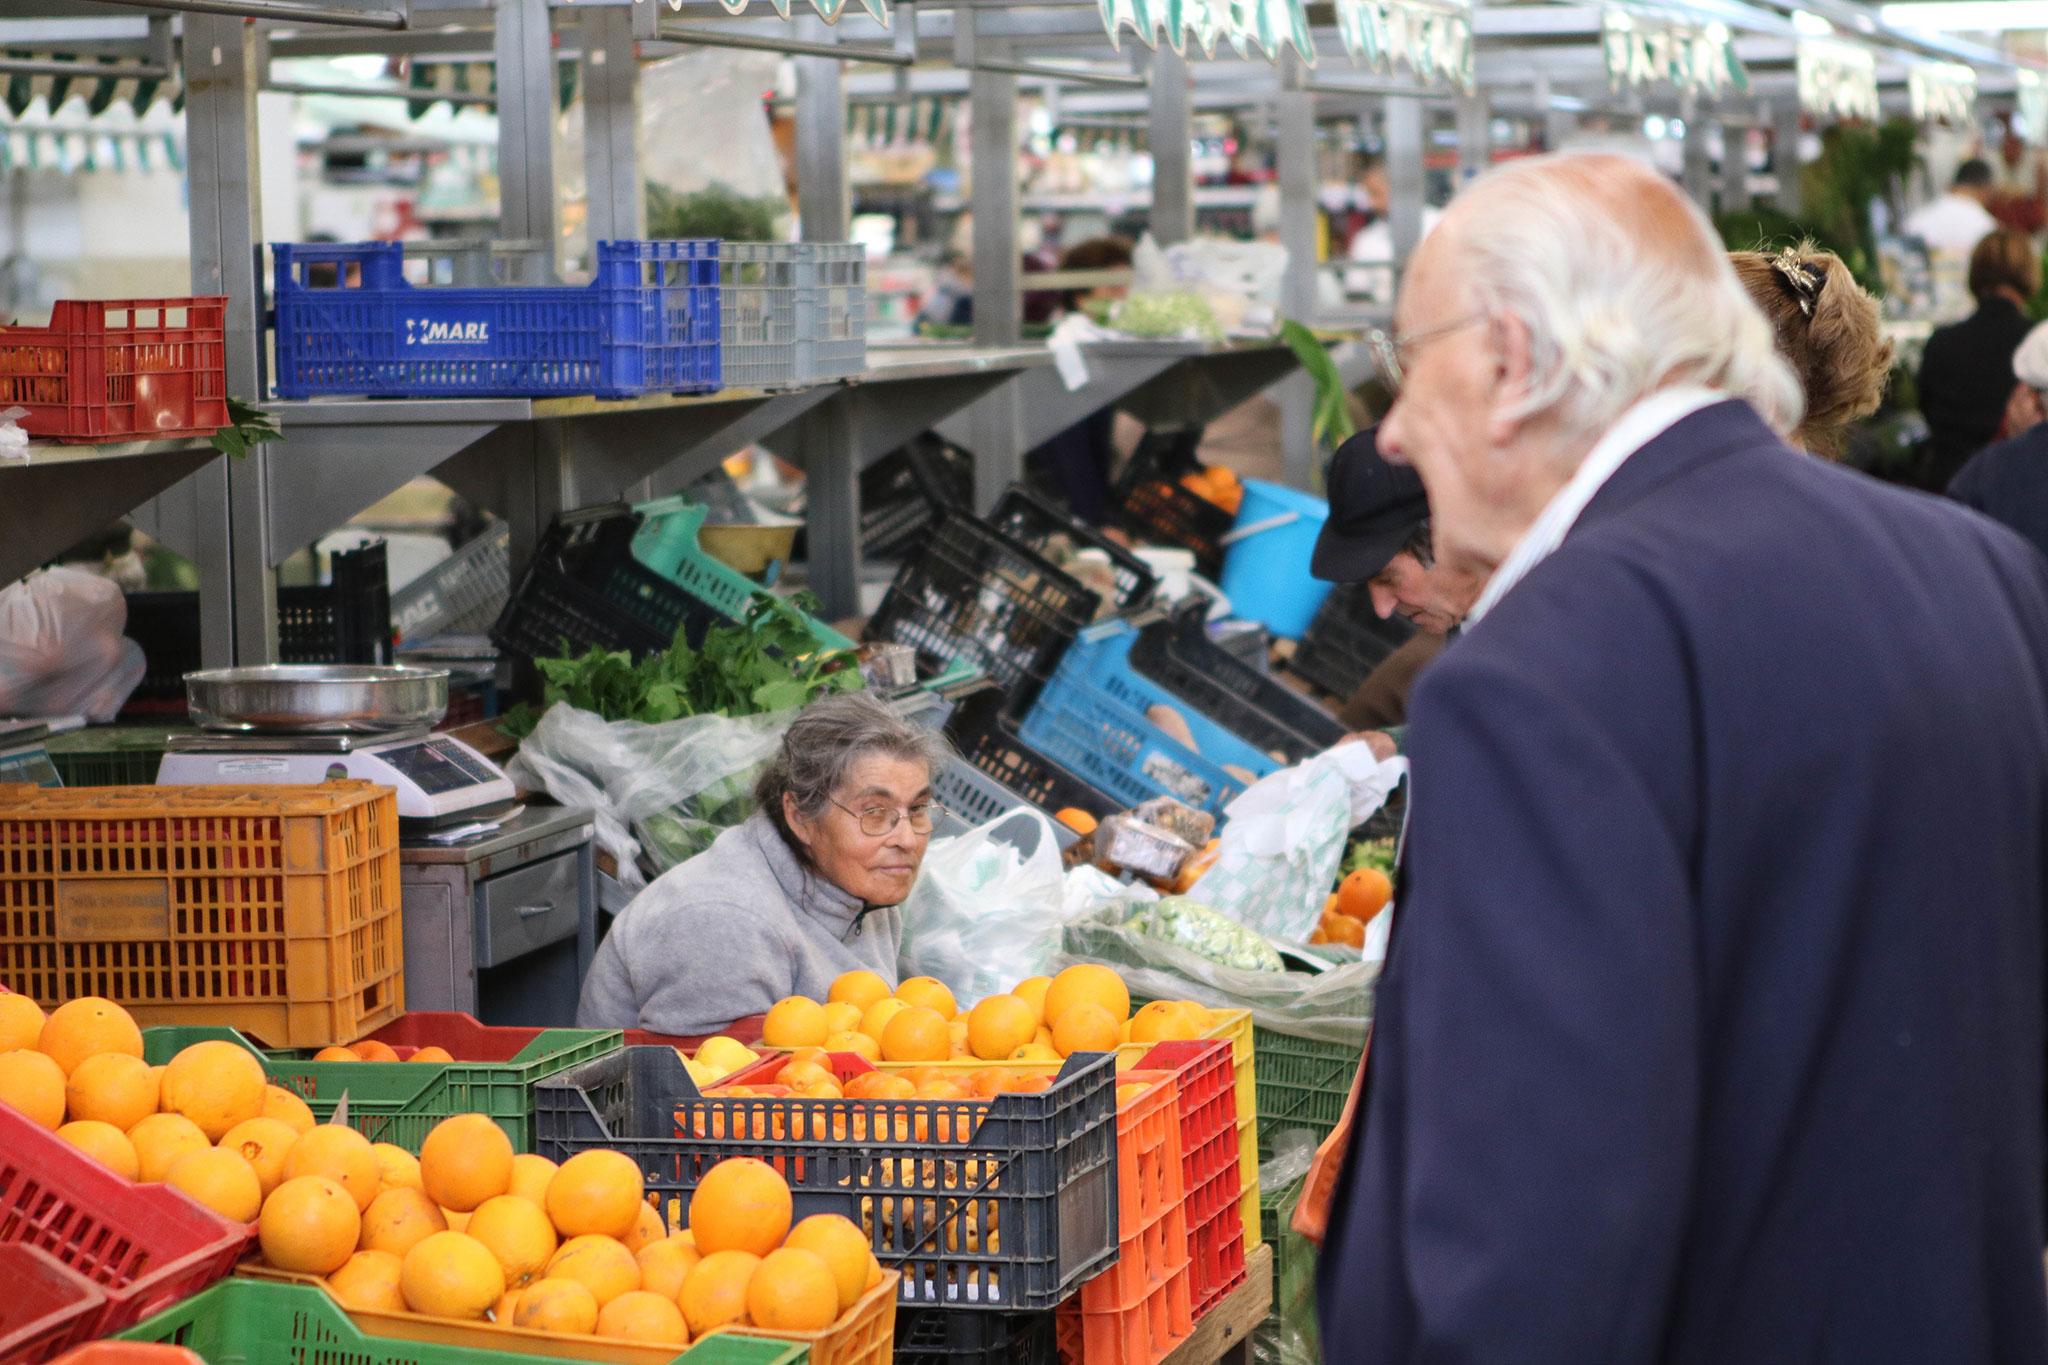 mercado_portimao-algarve_a_gentes_mar_terra_vw_tours_trips